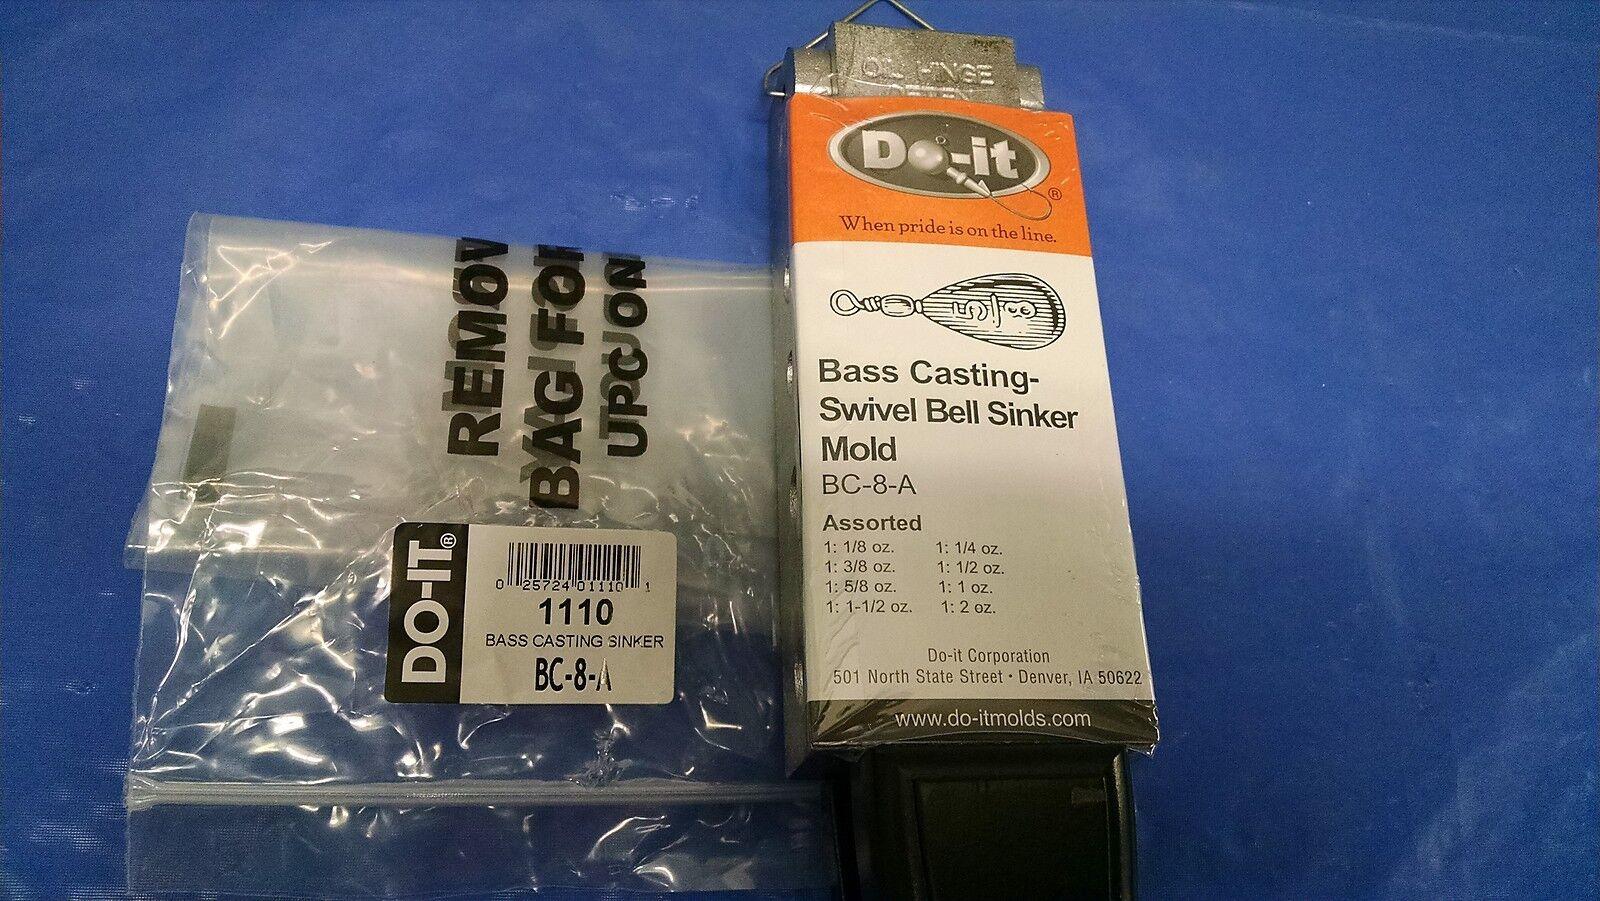 1110  NEW DO-IT SINKER MOLD BASS CASTING ASST 1 8--2 OZ, BC-8-A